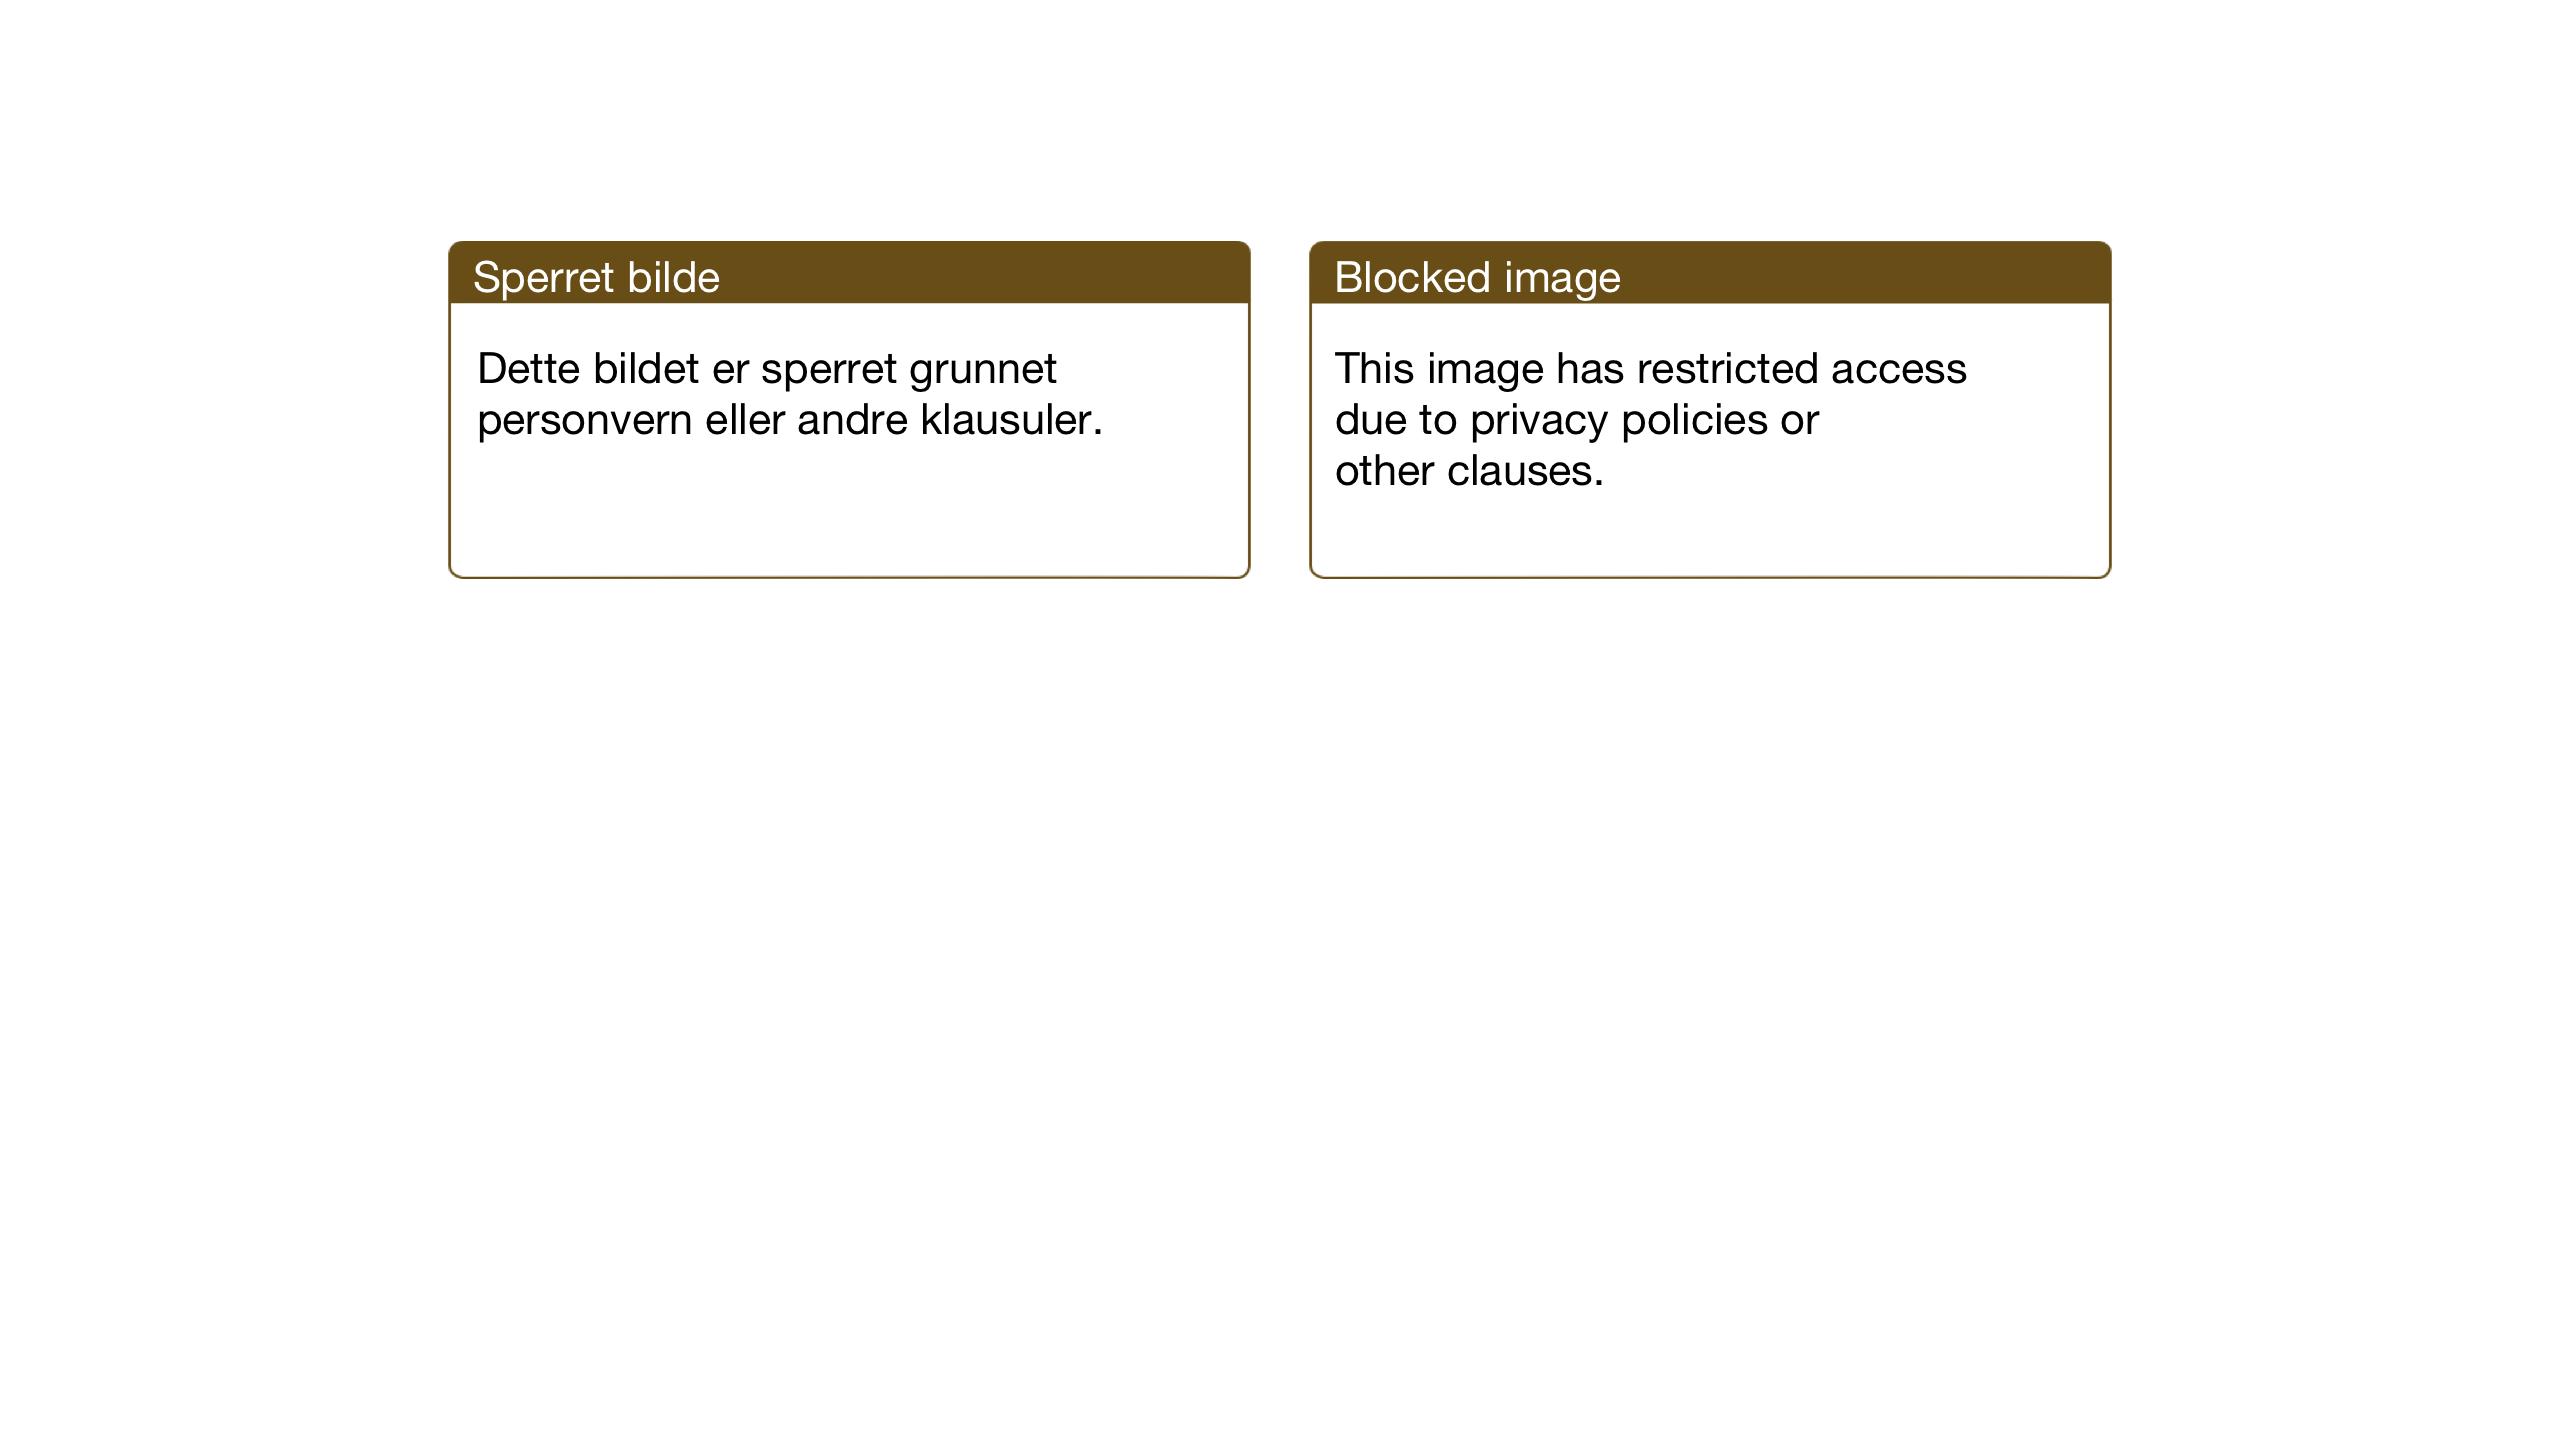 SAT, Ministerialprotokoller, klokkerbøker og fødselsregistre - Sør-Trøndelag, 682/L0947: Klokkerbok nr. 682C01, 1926-1968, s. 38